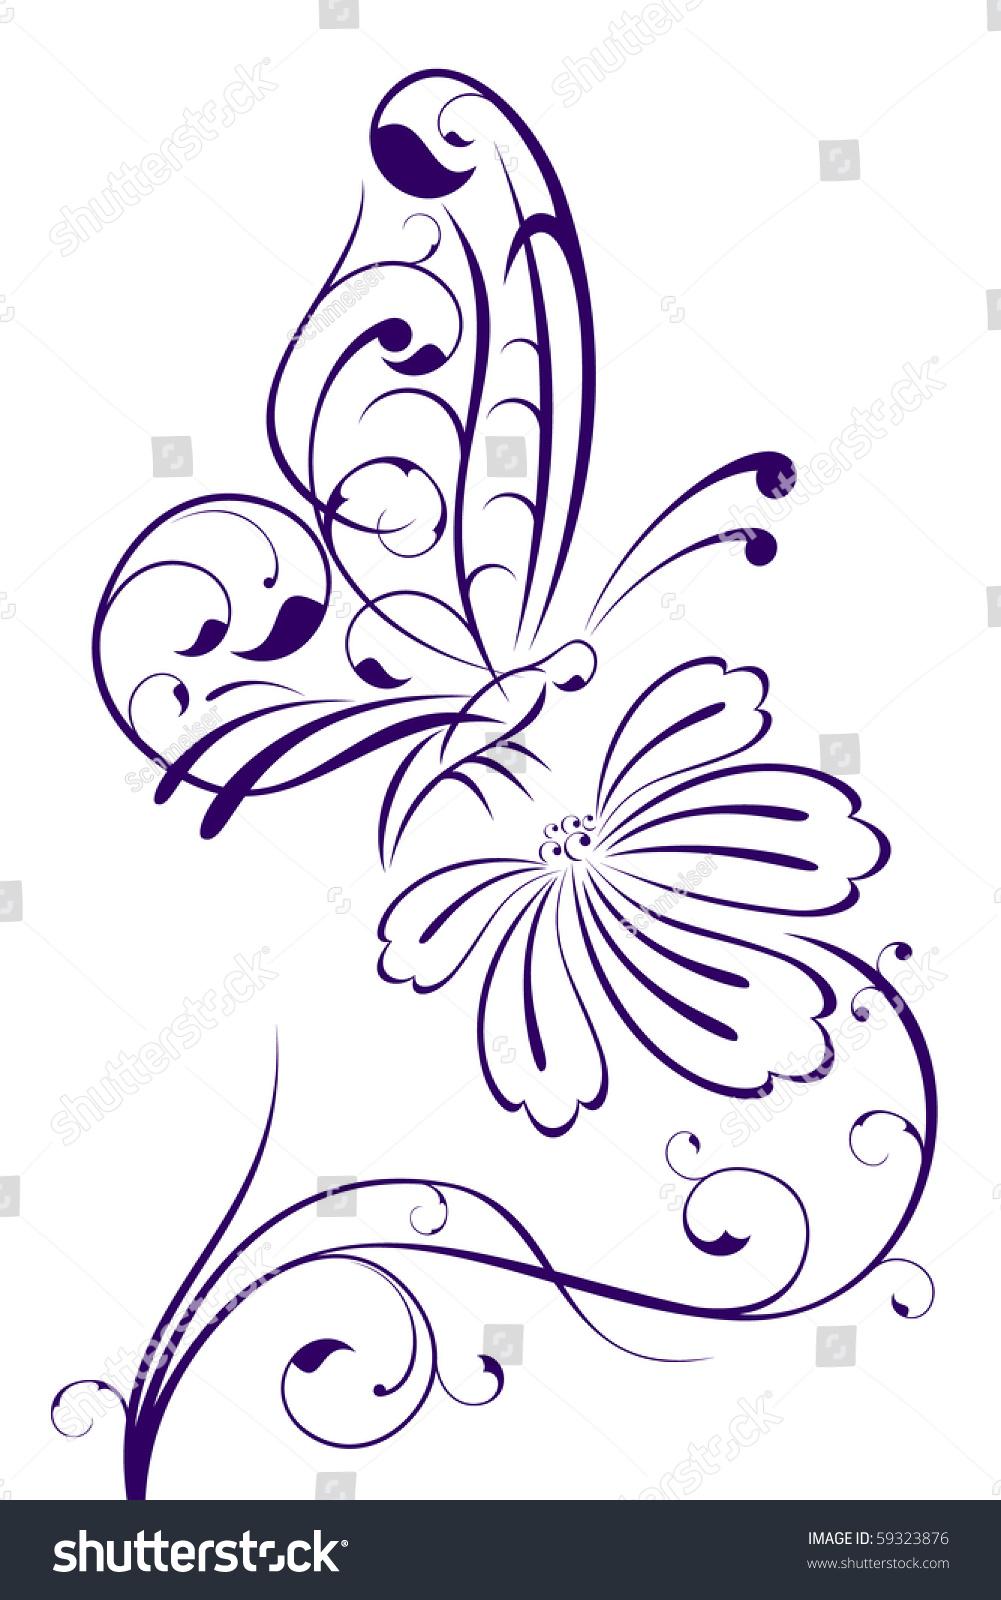 Бабочки для декора своими руками : из бумаги, объемные, трафареты 27